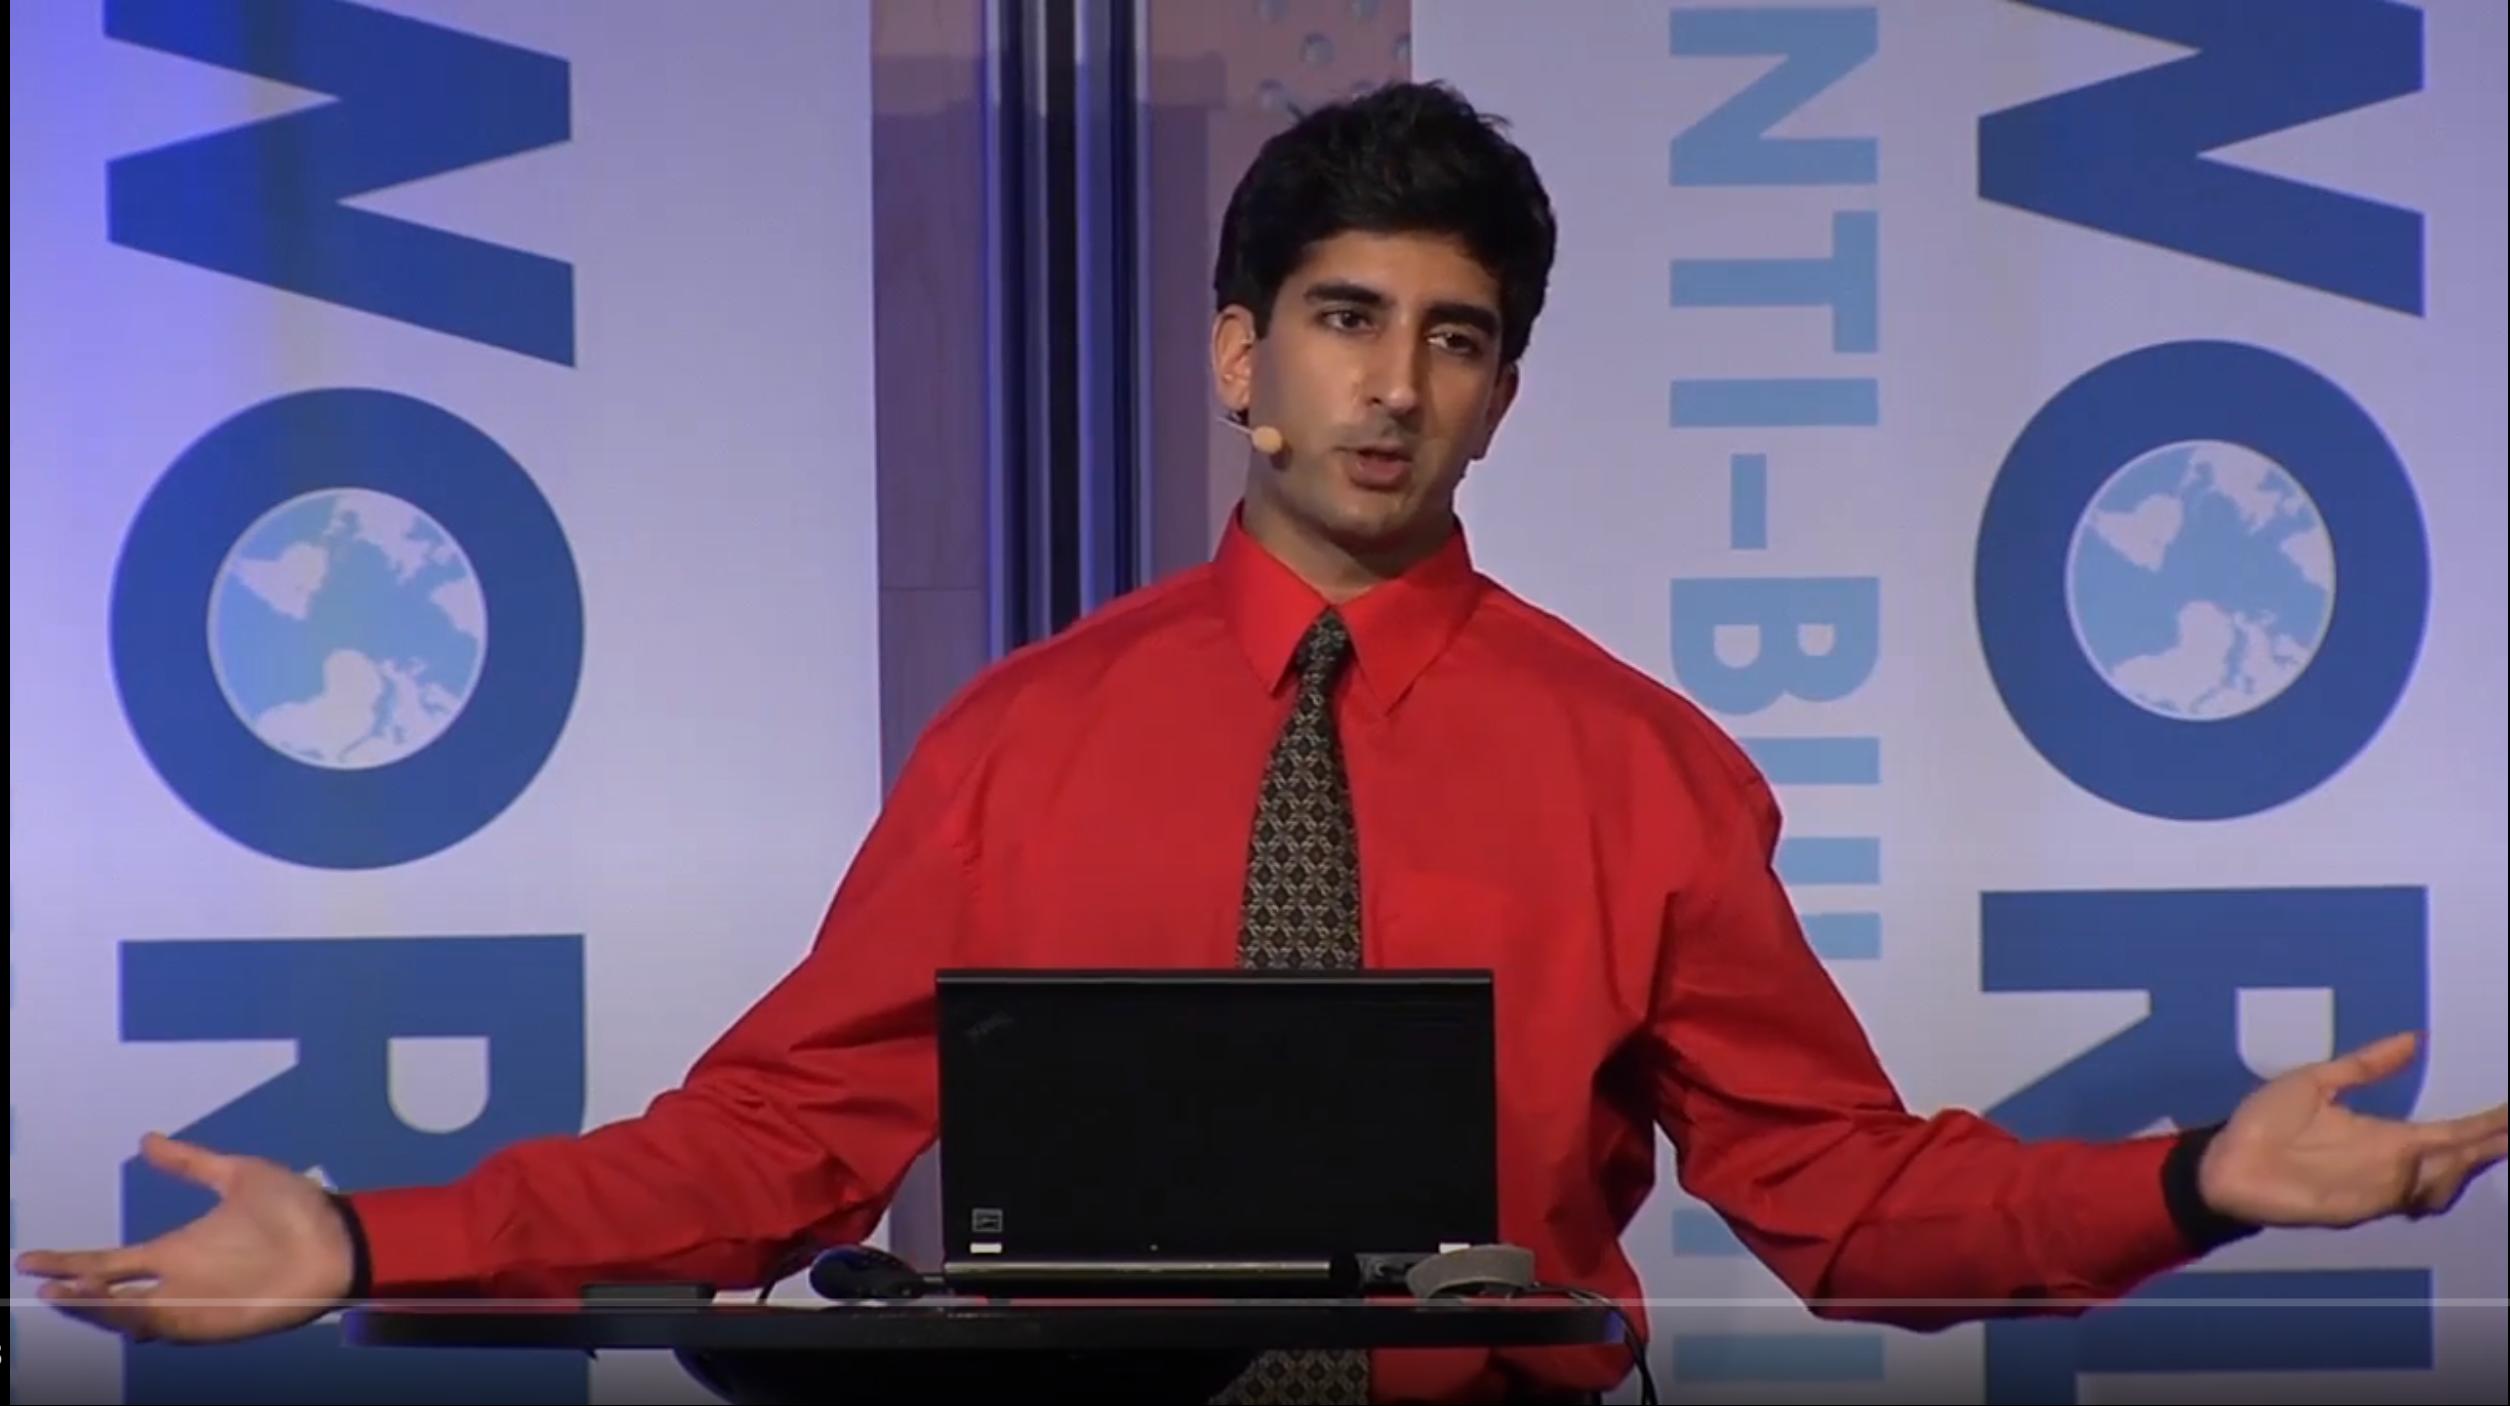 Sameer Hinduja Keynote Speaker 2017